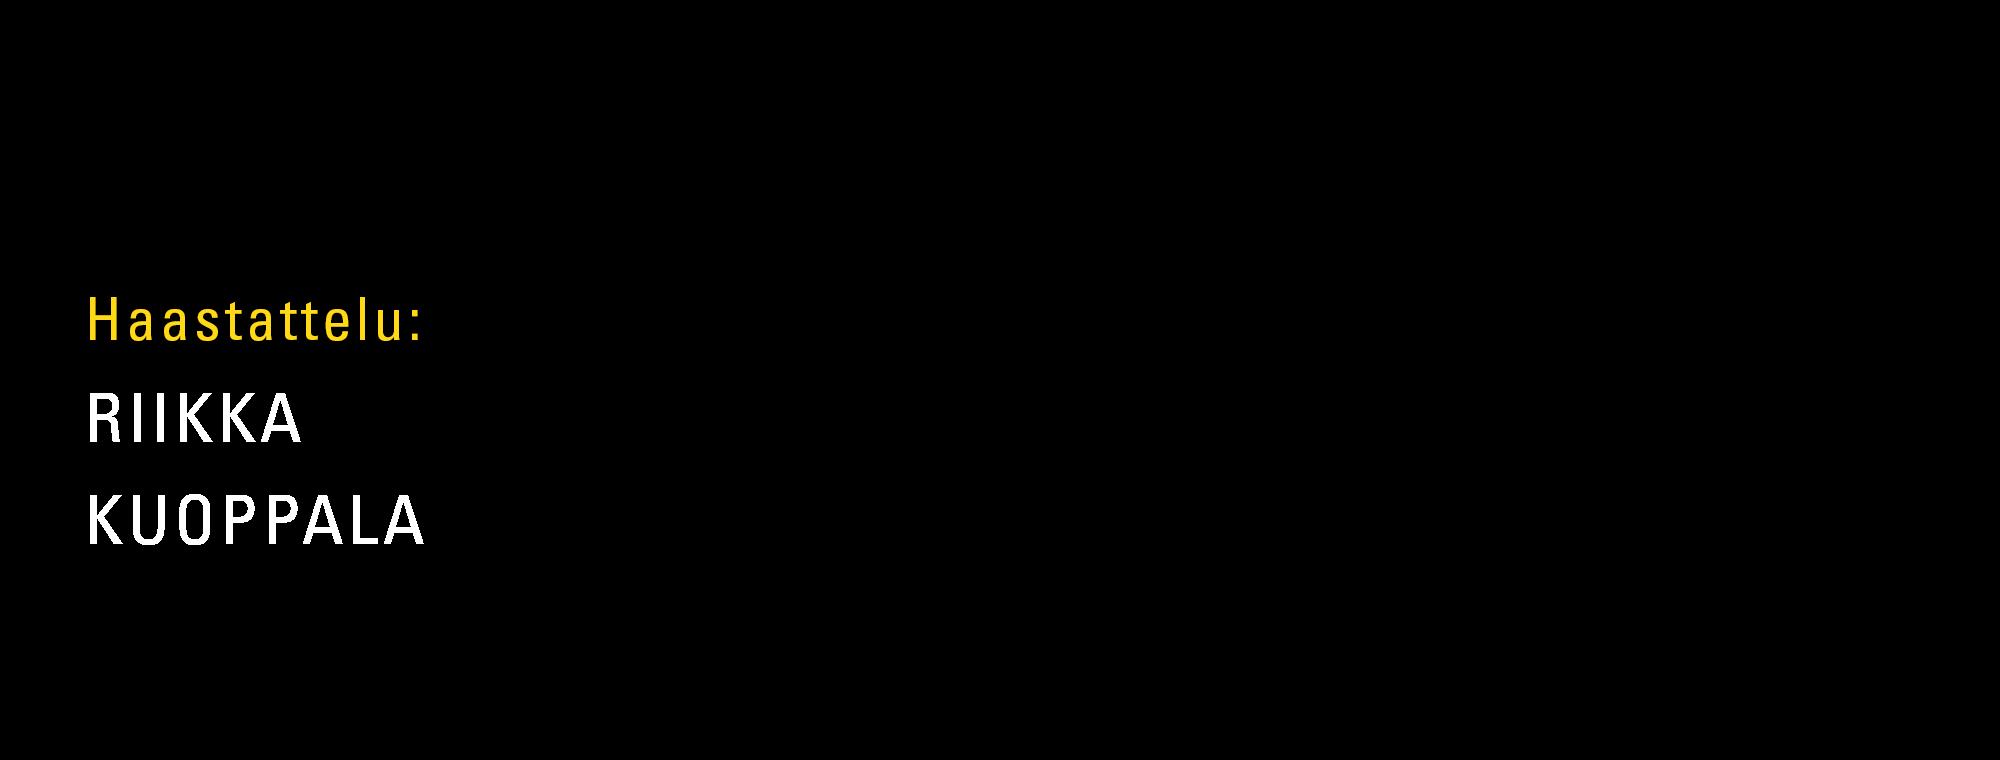 Riikka Kuoppala